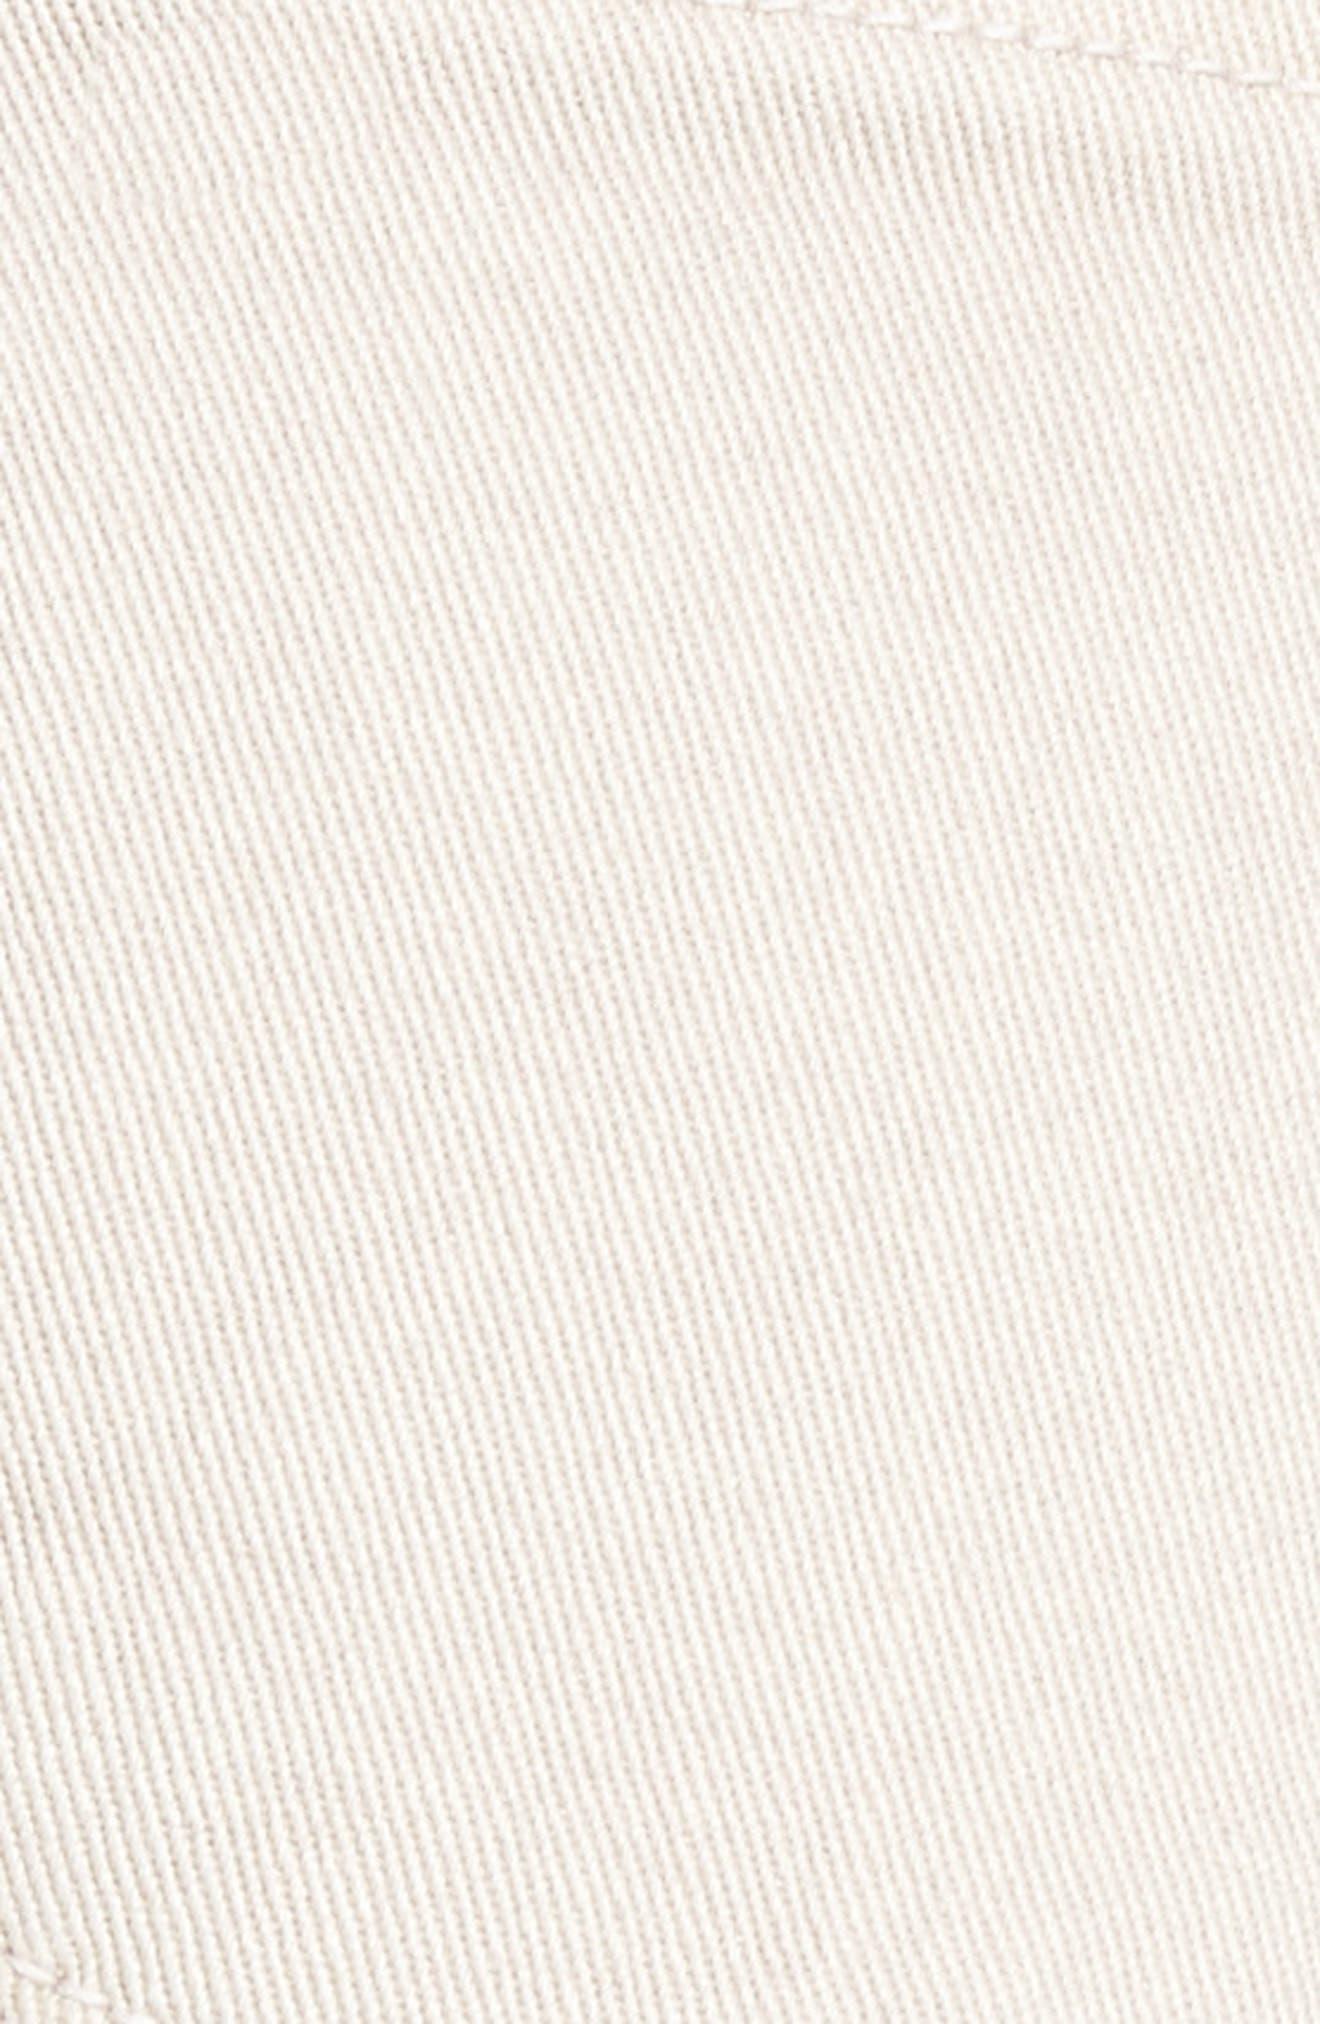 Step Hem Denim Shorts,                             Alternate thumbnail 6, color,                             Dove